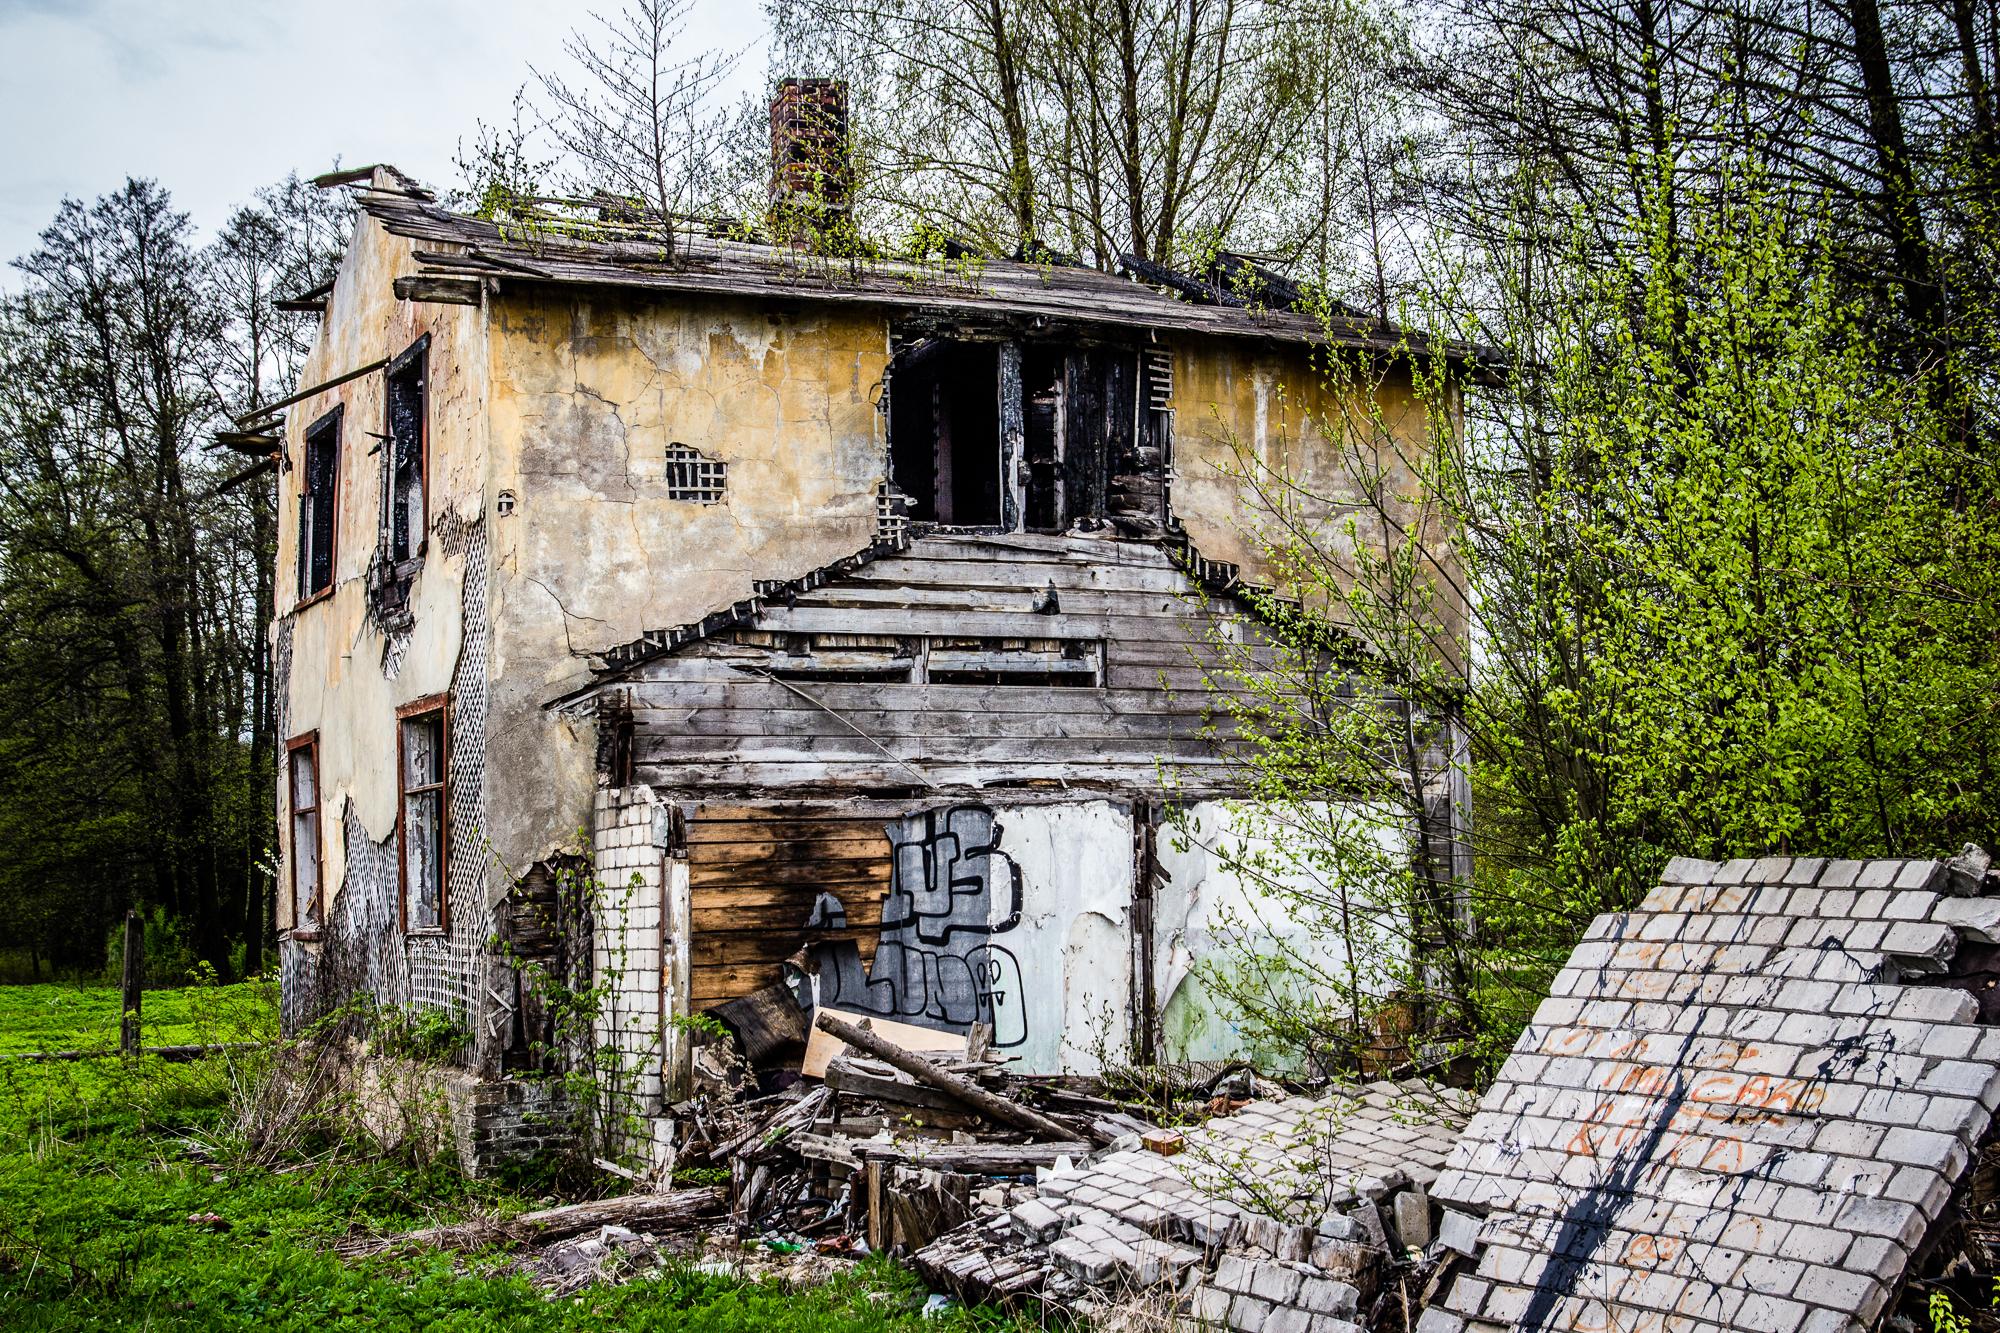 Abandoned House Via @Atisgailis